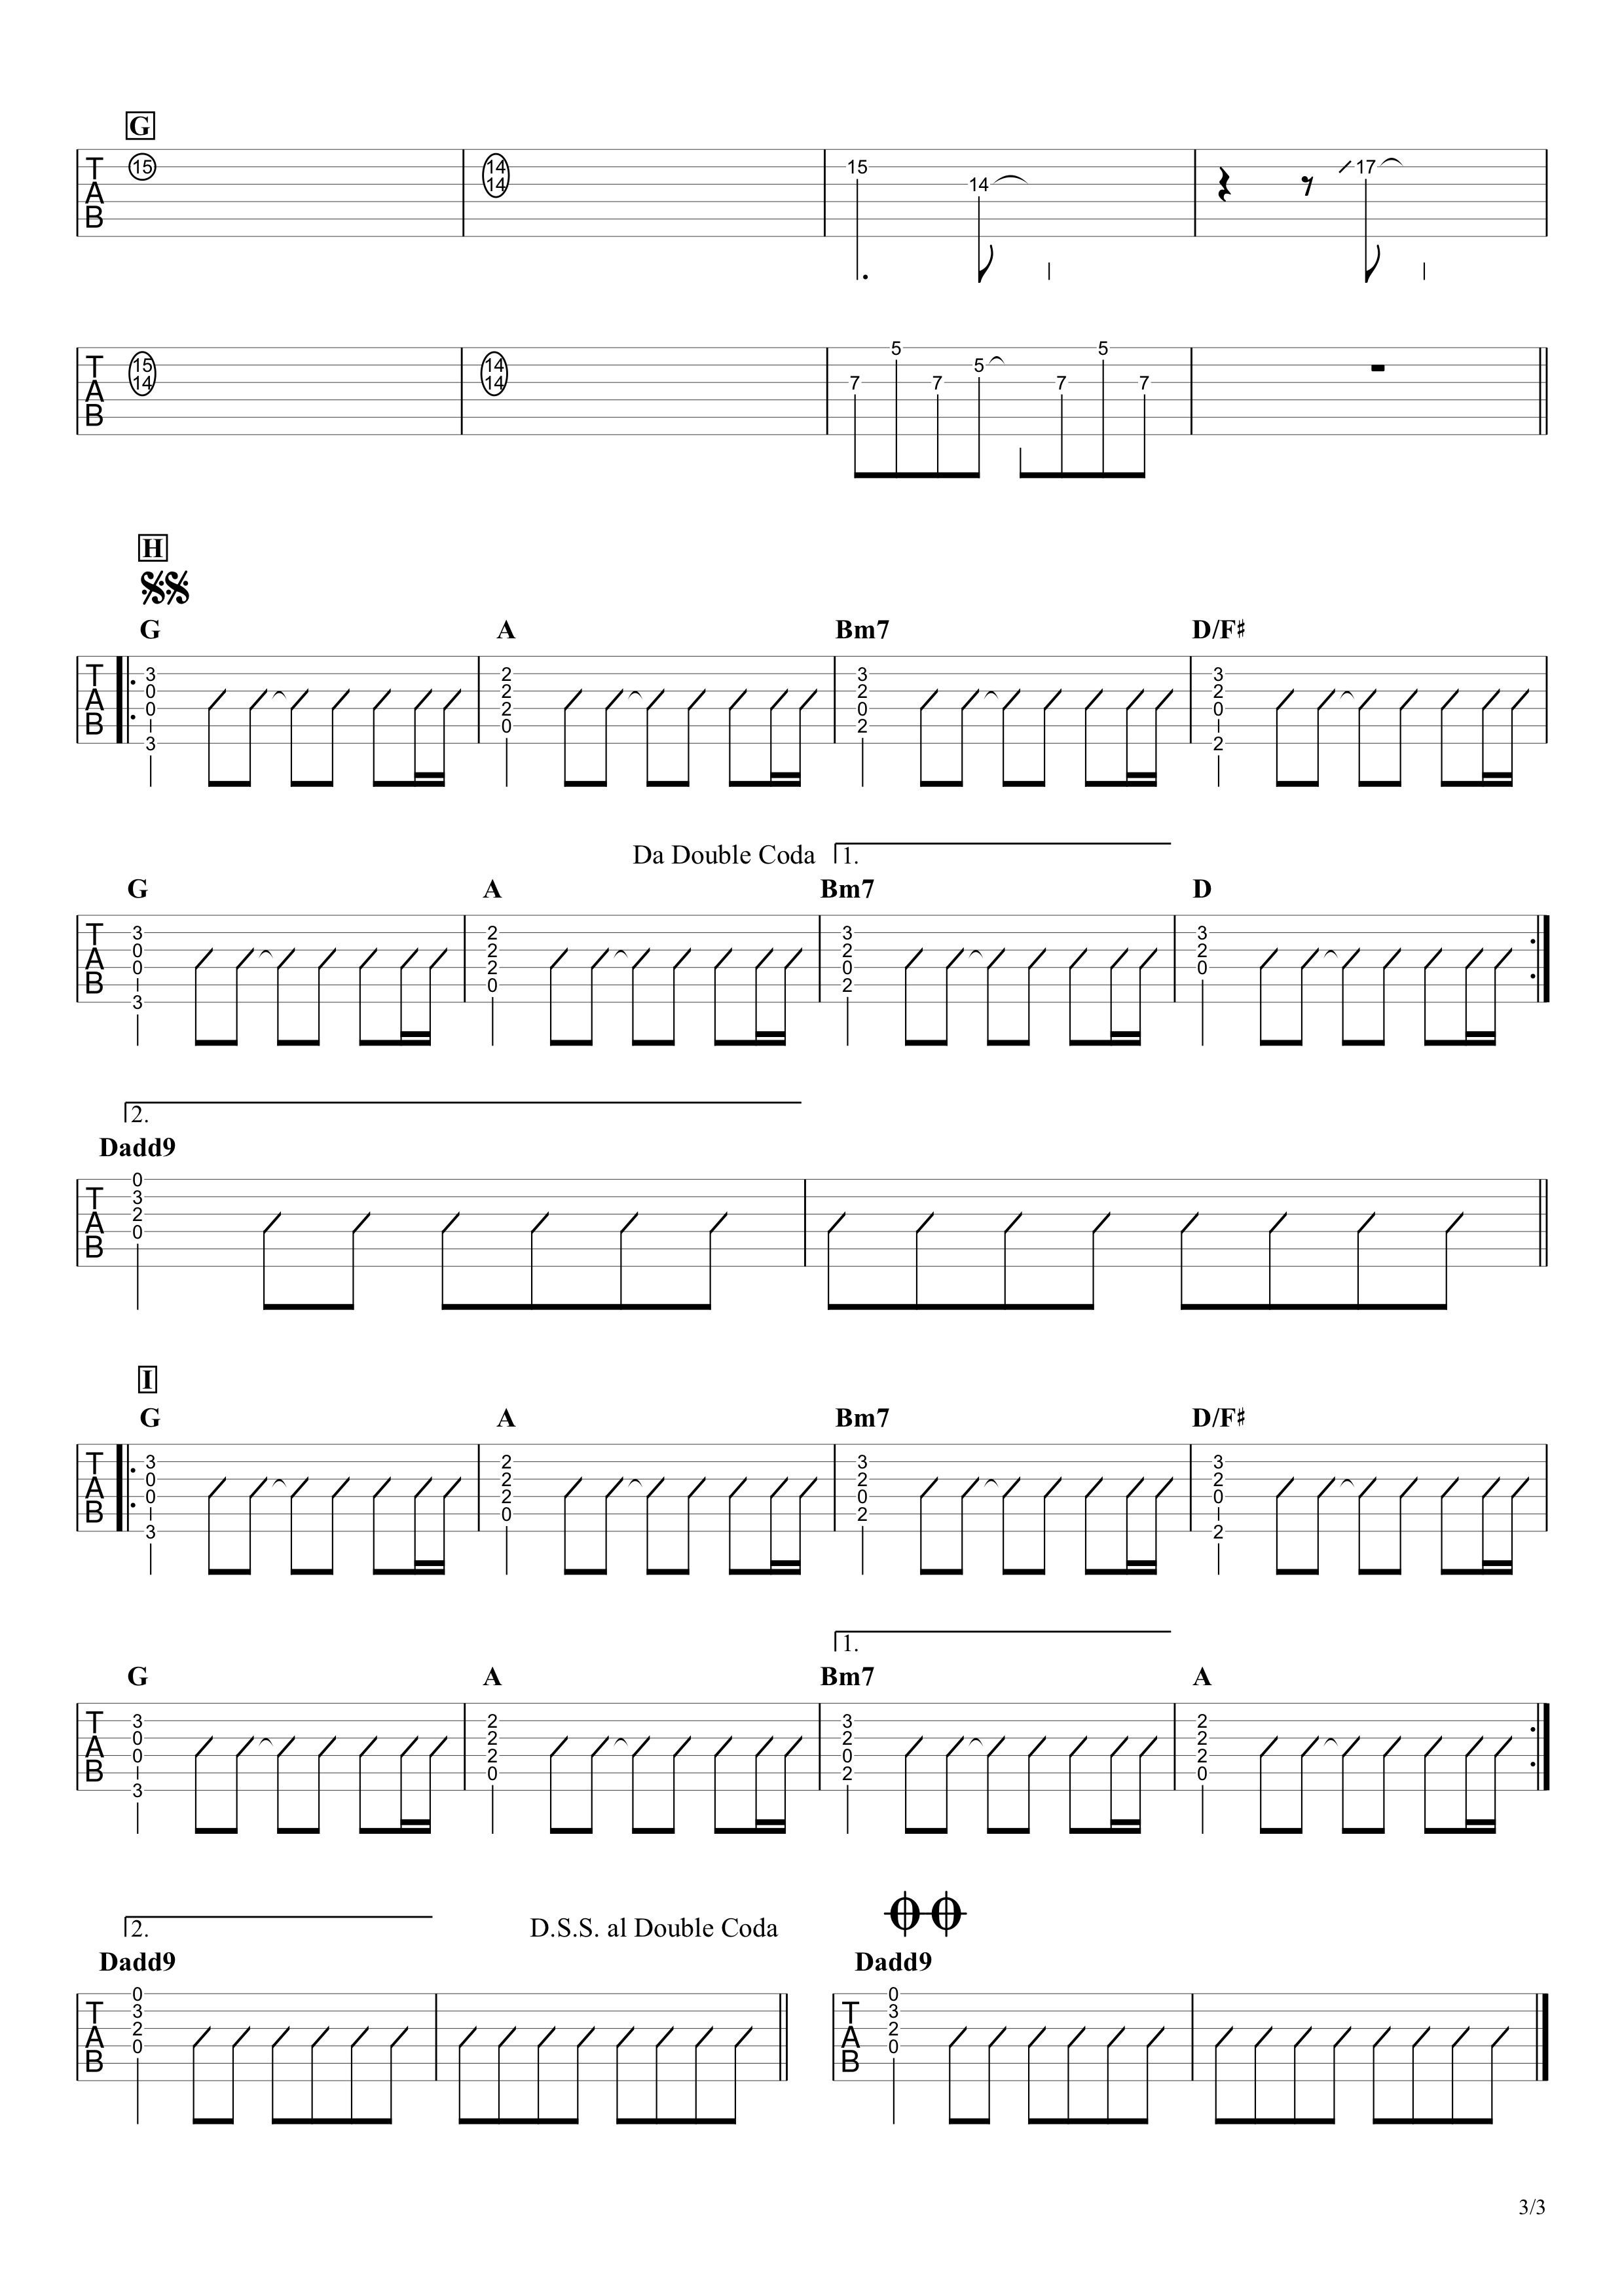 怪獣の花唄/Vaundy ギタータブ譜 アルペジオ&コードストロークで弾くVer.03